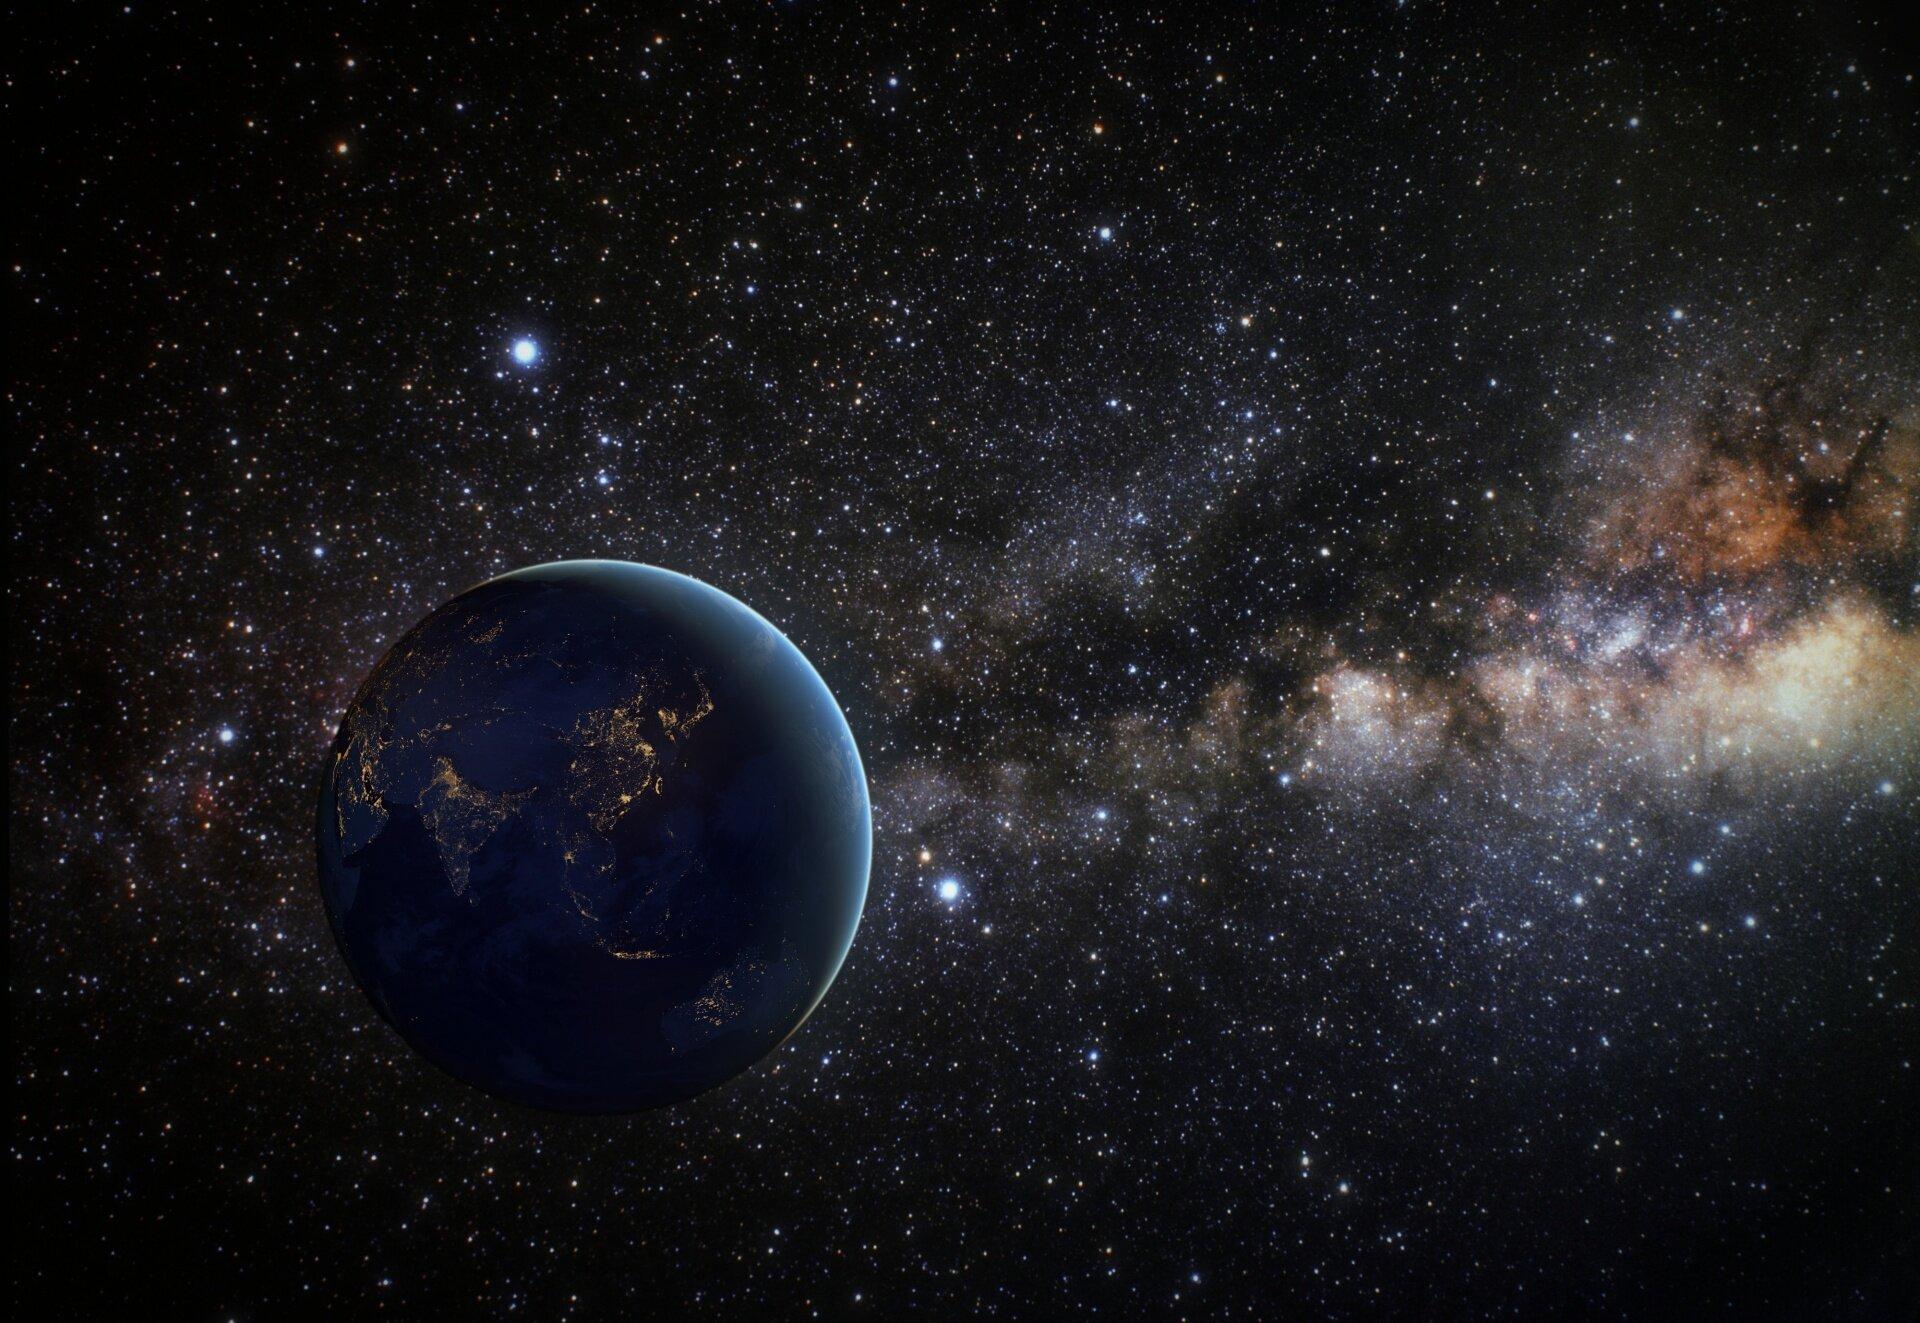 космический корабль парение путем пространства